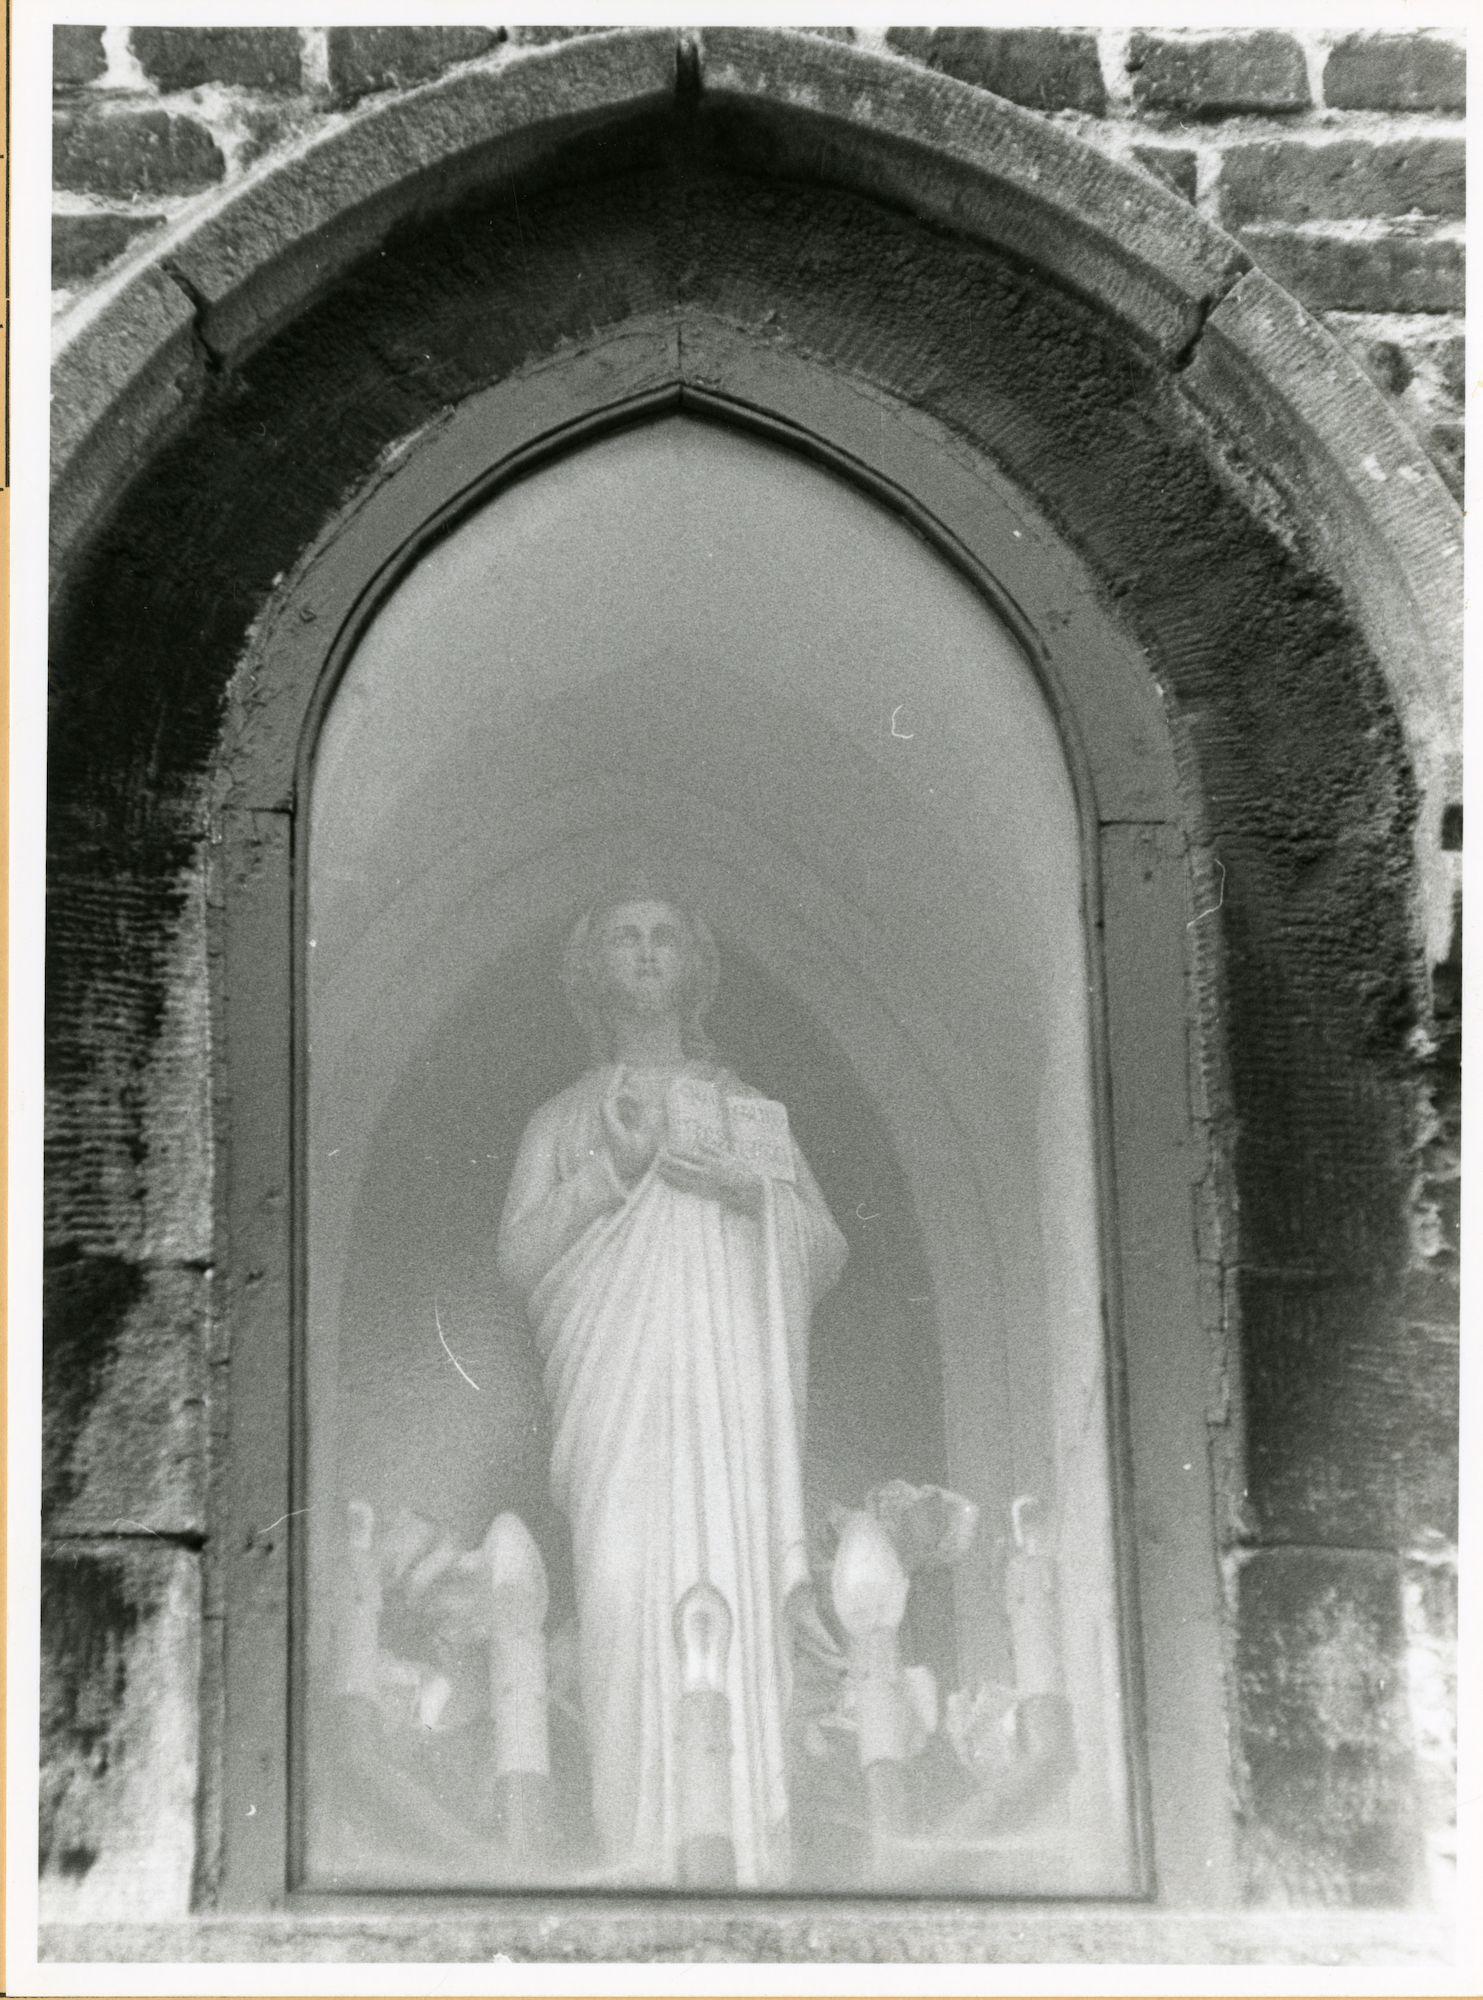 Gent: Bij St-Jozef: St-Jozefkerk: niskapel: Jezus Christus, 1979